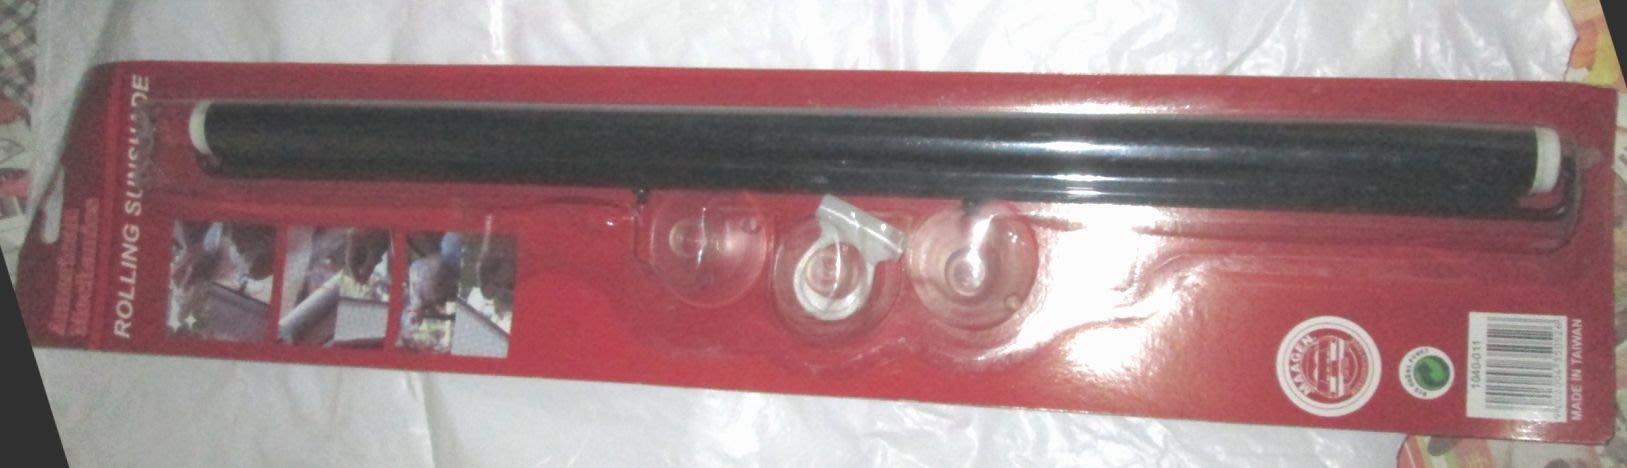 (紅標) 台灣製Rolling Sunshade汽車/廂型車/前&後檔車窗用伸縮手拉式遮陽簾(橫長42 cm*寬130)